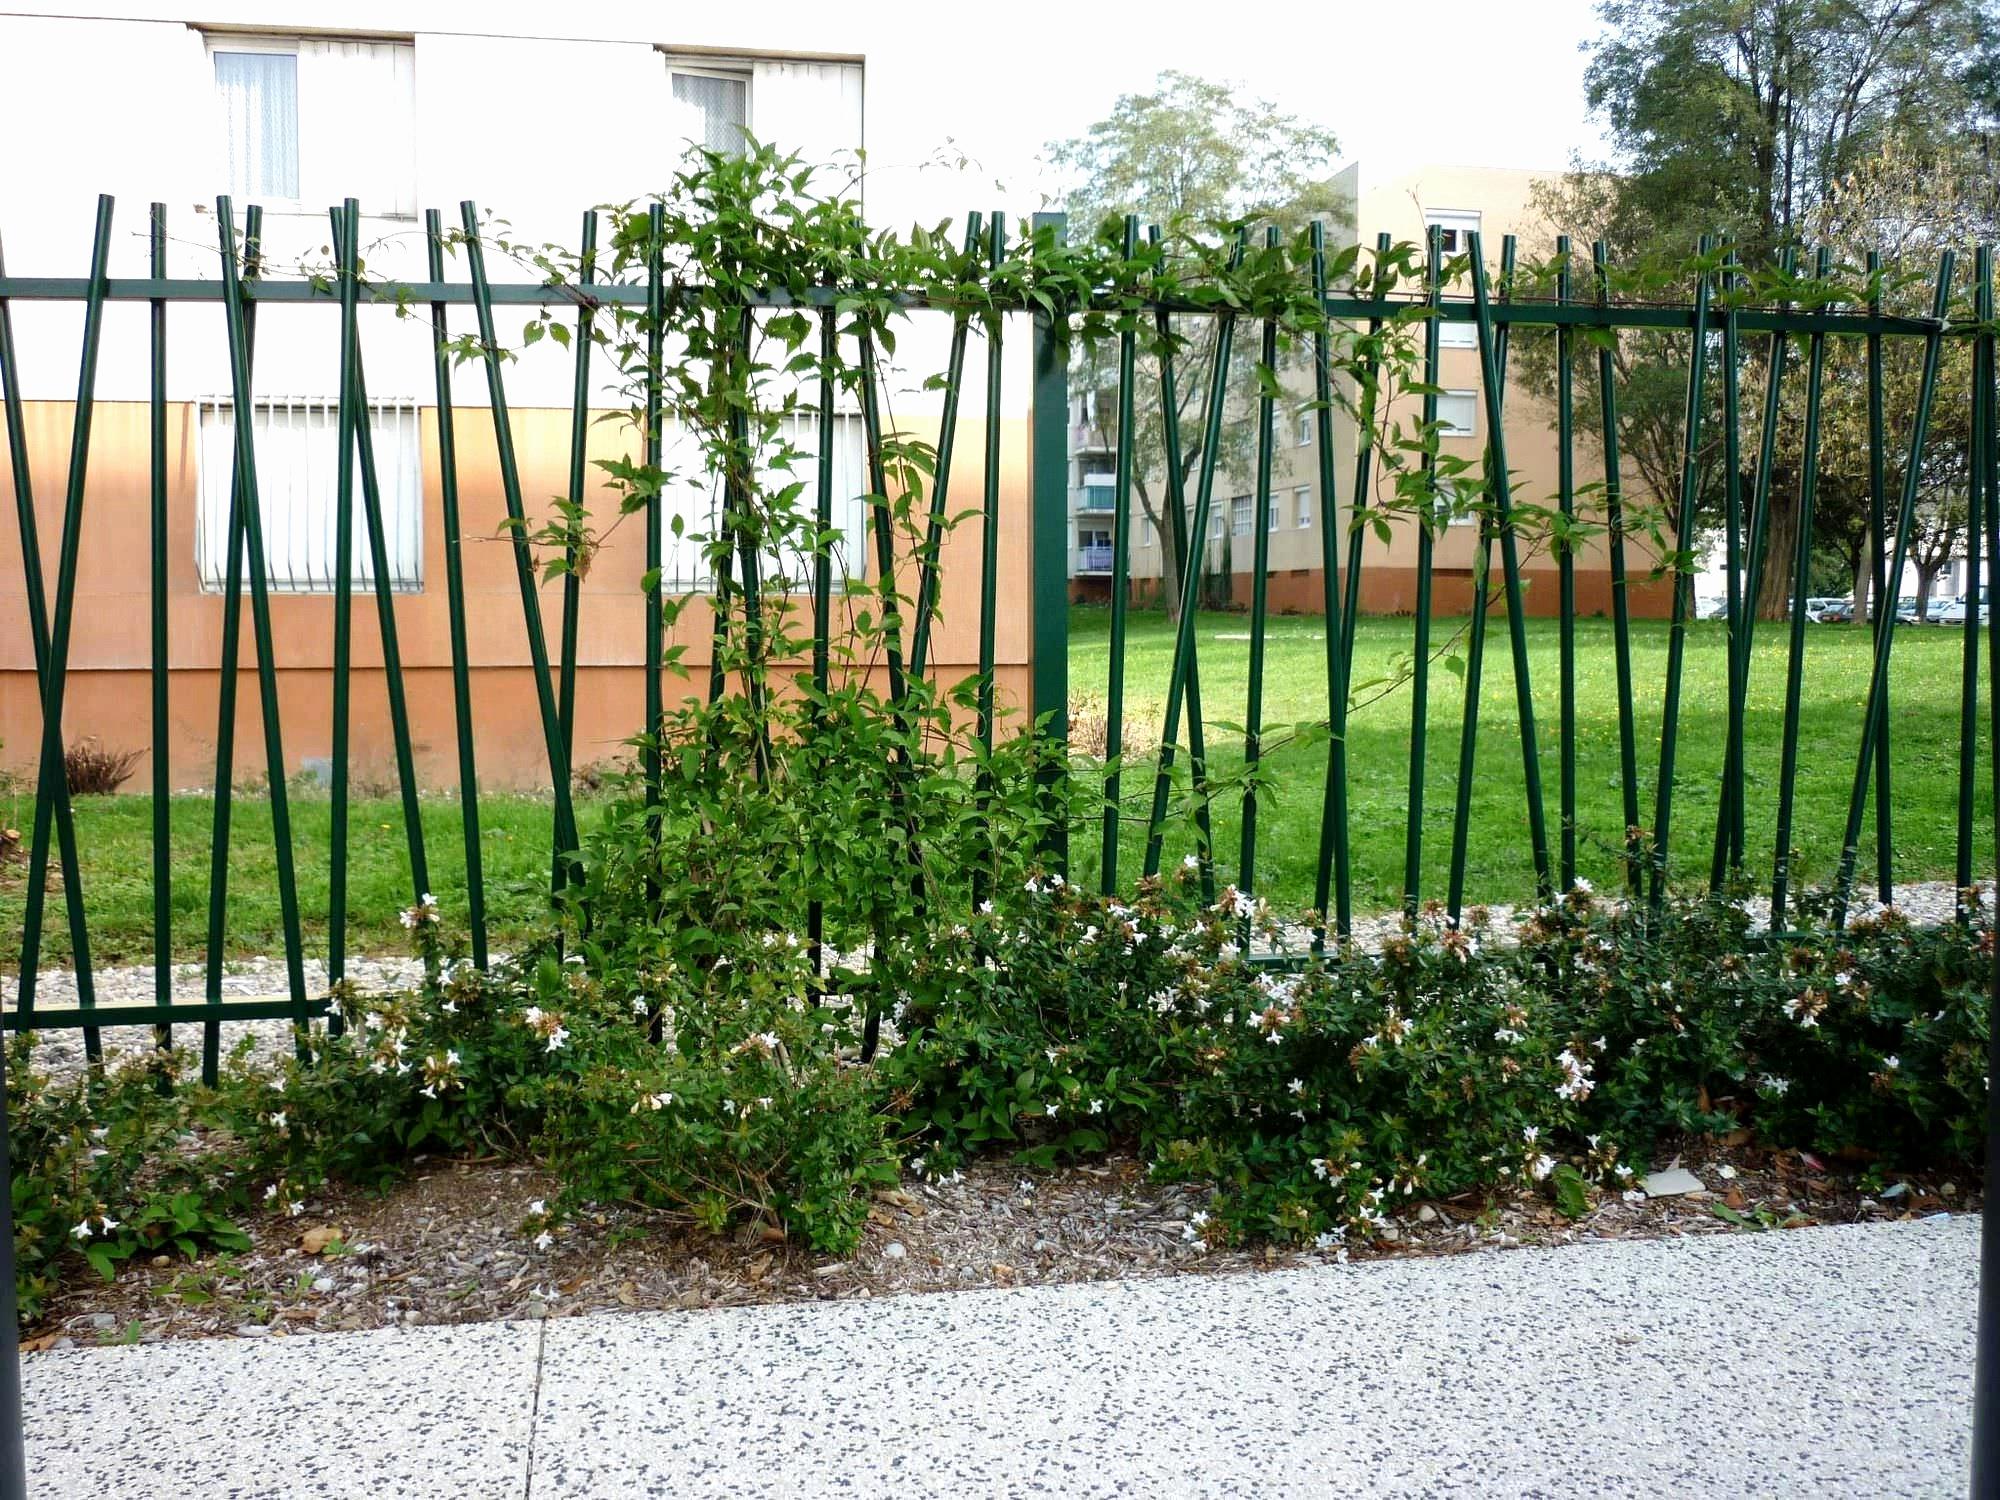 tente de jardin castorama frais bordure beton castorama beau cabanon de jardin castorama de meilleur of tente de jardin castorama